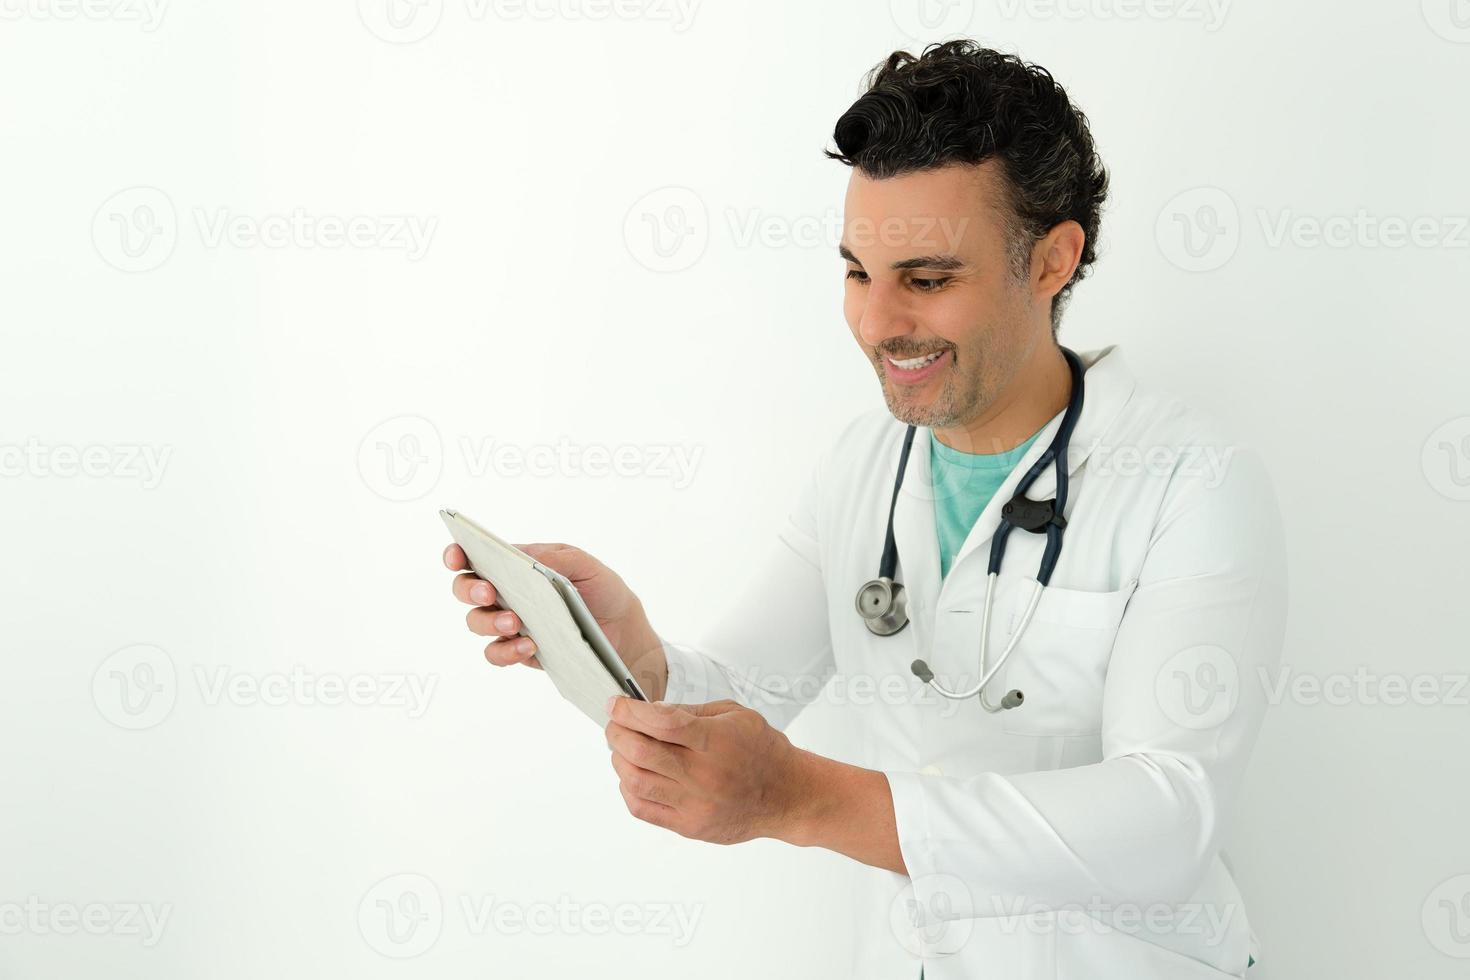 Arzt in der Klinik schaut sich die Informationen an foto